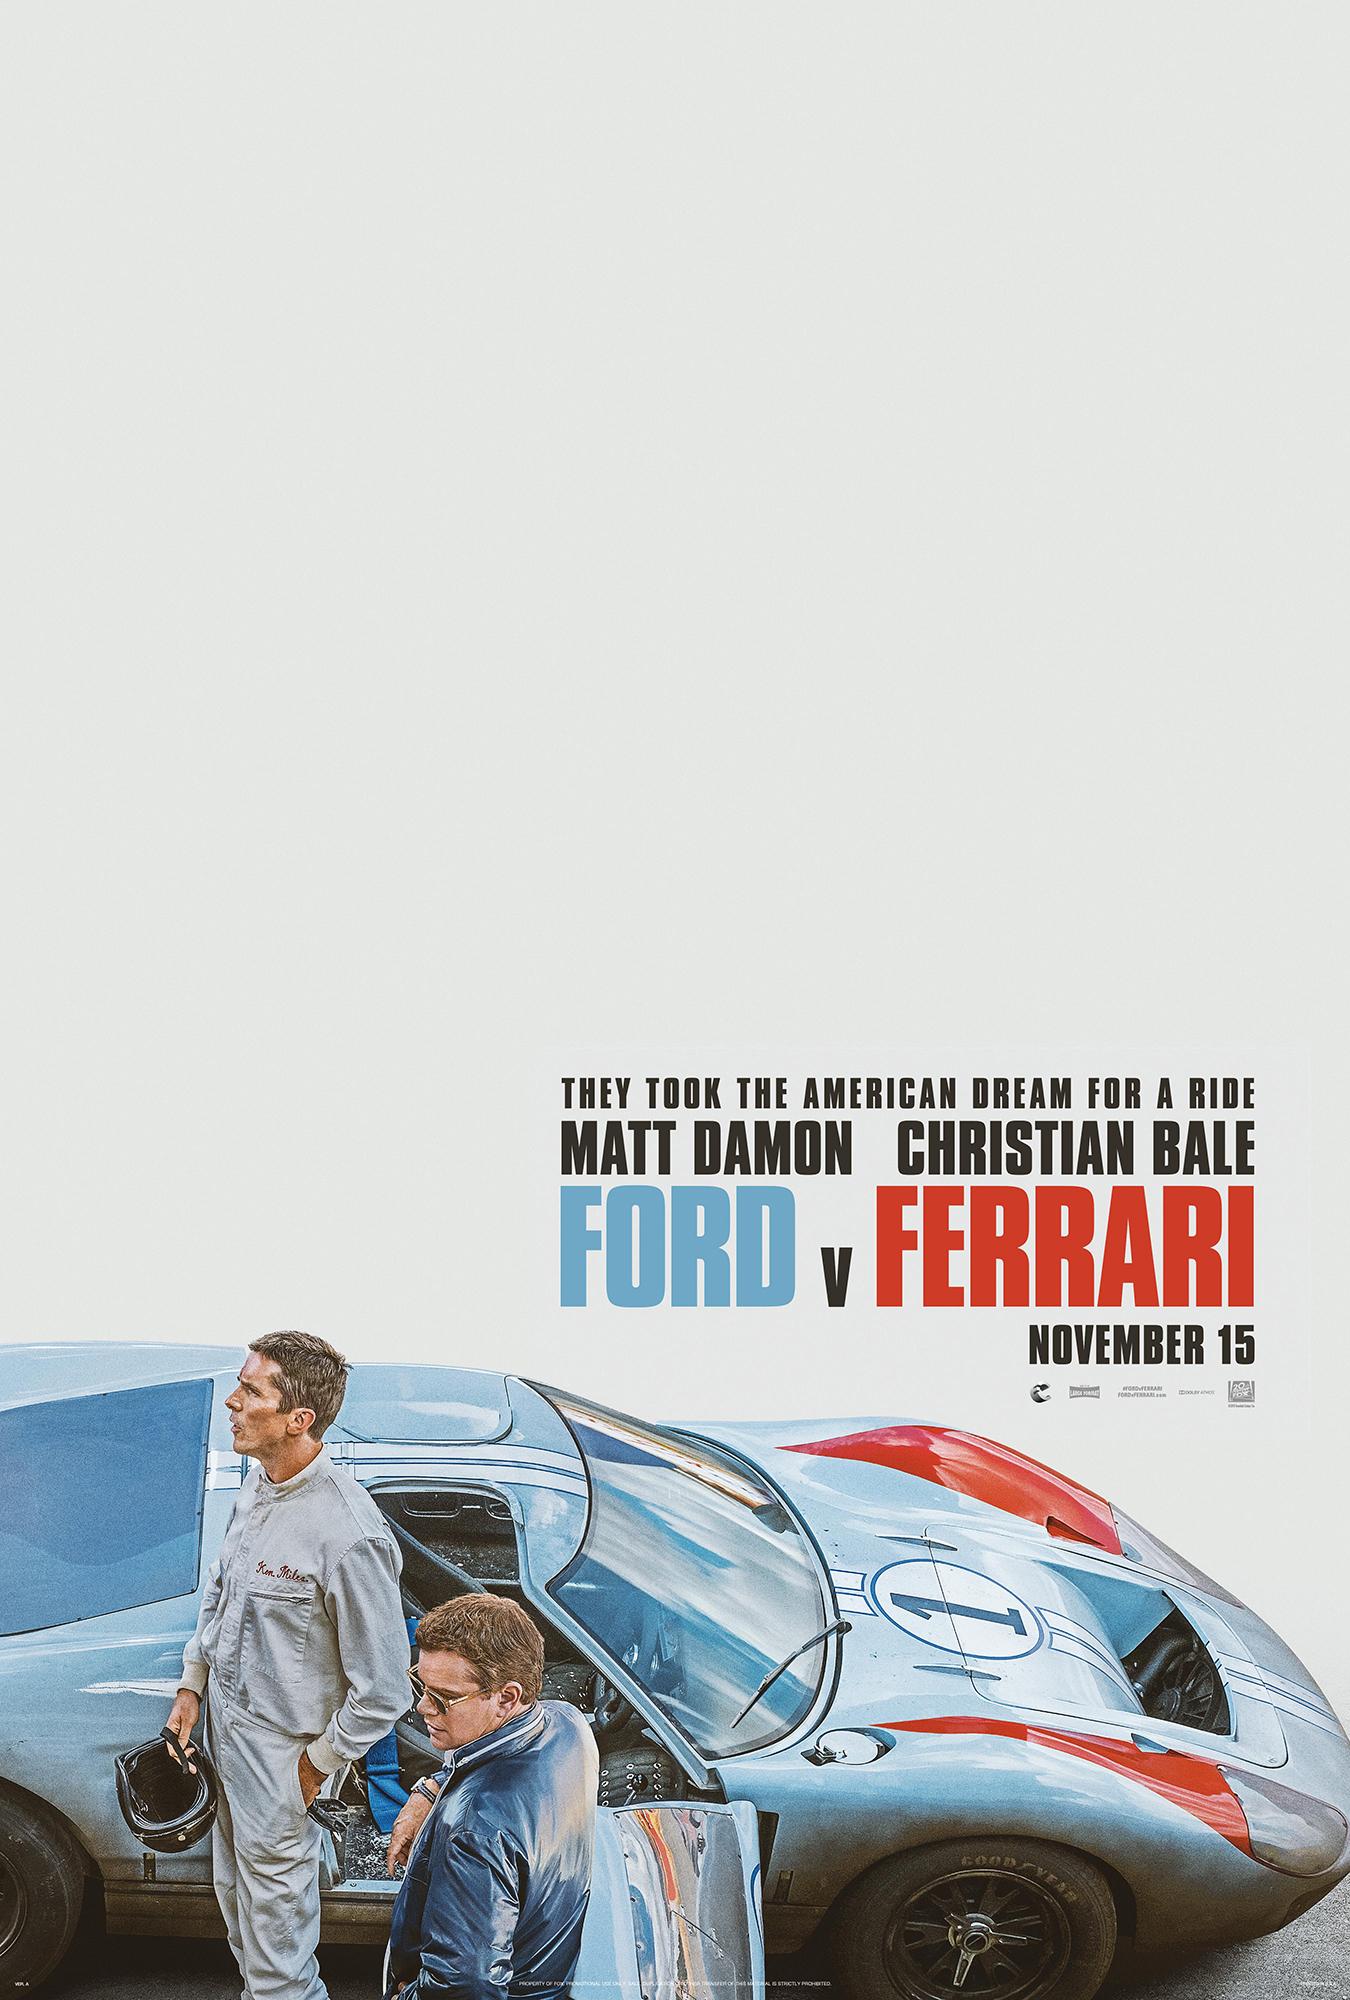 Ford_v_Ferrari_VerA_Teaser_100dpi.jpg